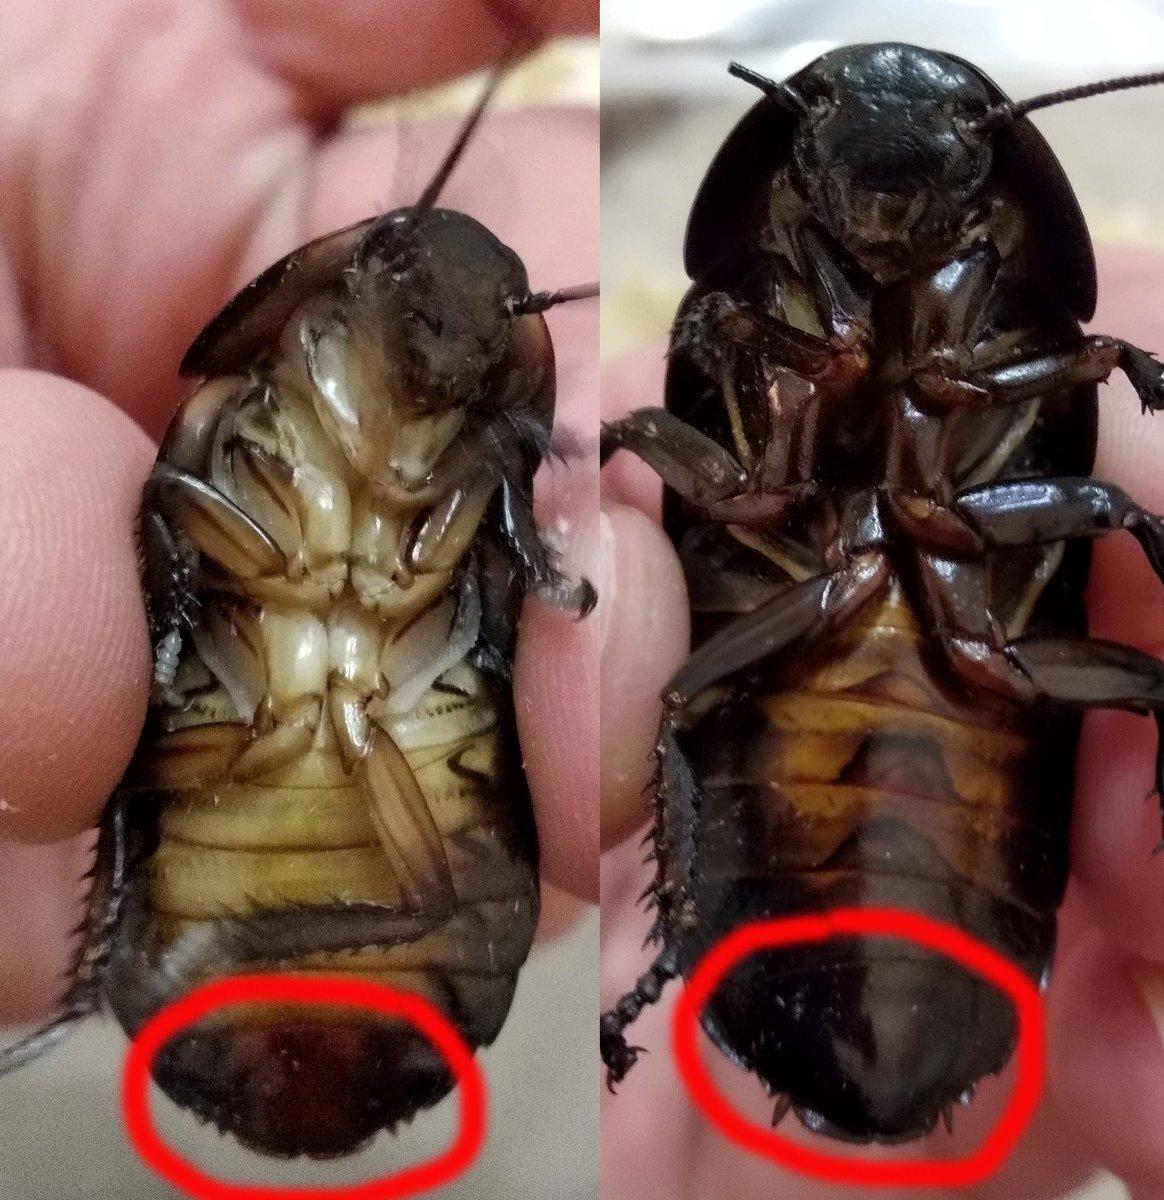 Сколько живут домашние тараканы? как долго они живут без еды и без воды?